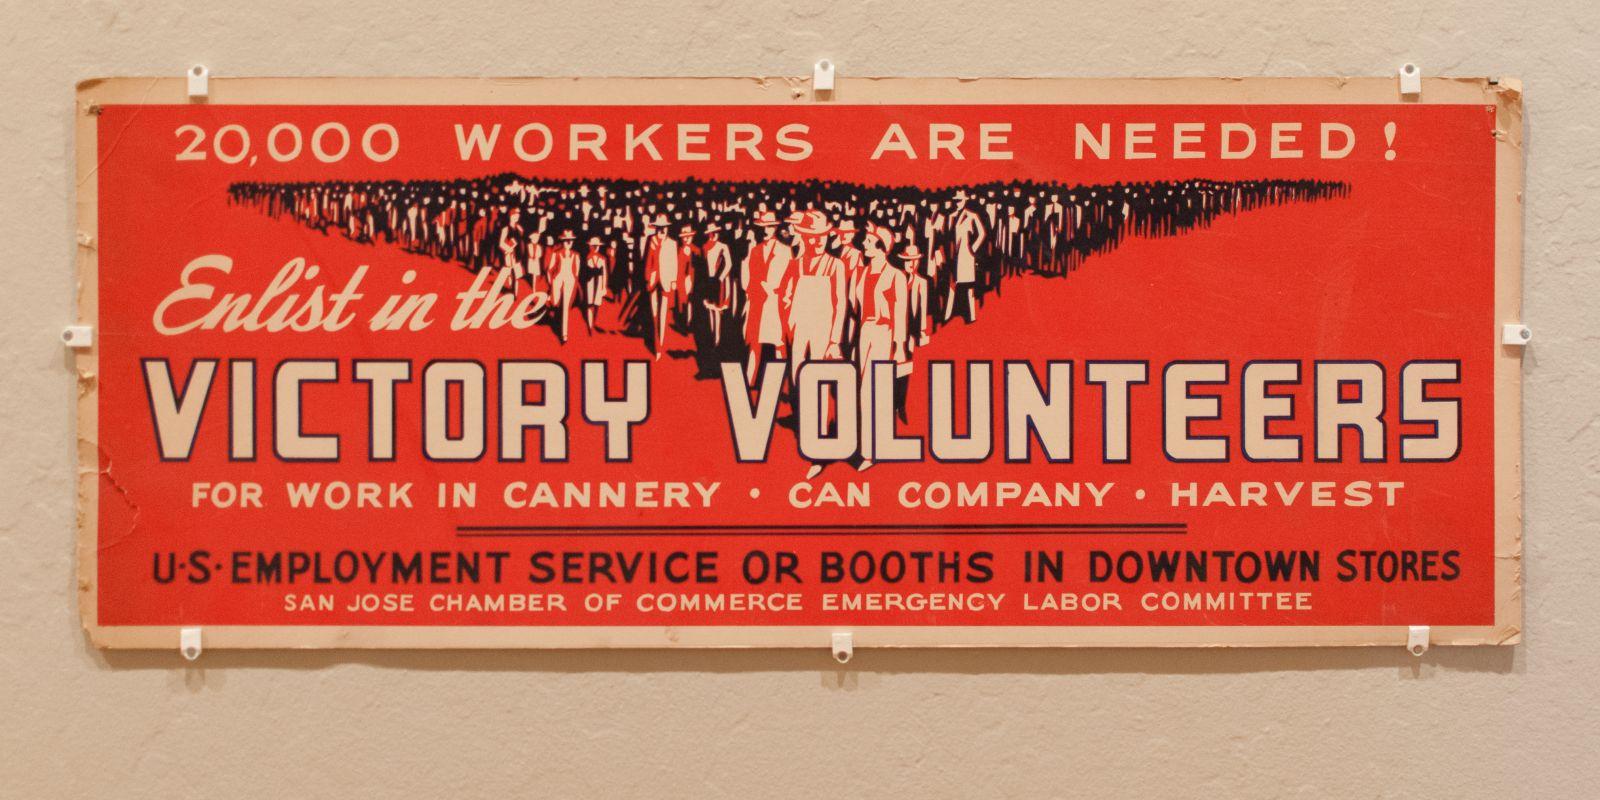 Victory Volunteers by Rey Giese